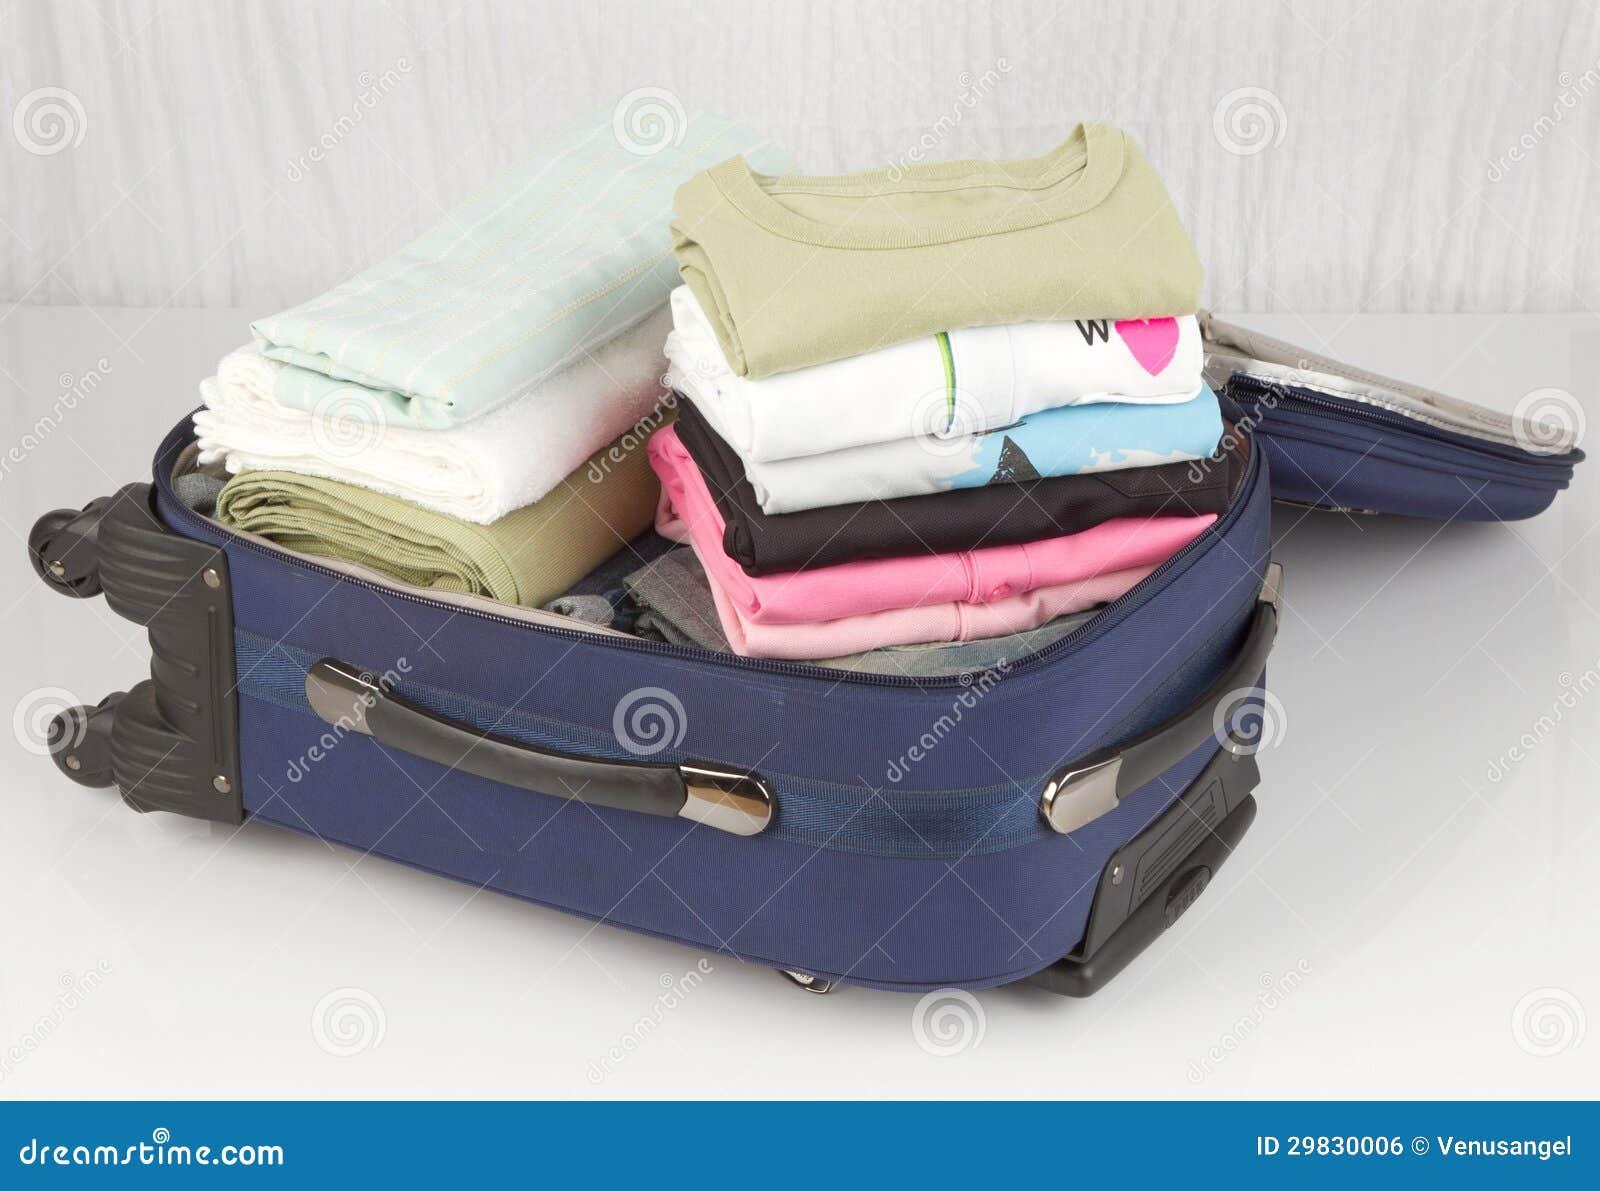 Valise ouverte emball e avec beaucoup de tissus color s image libre de droits - Tissus bohemes colores ...